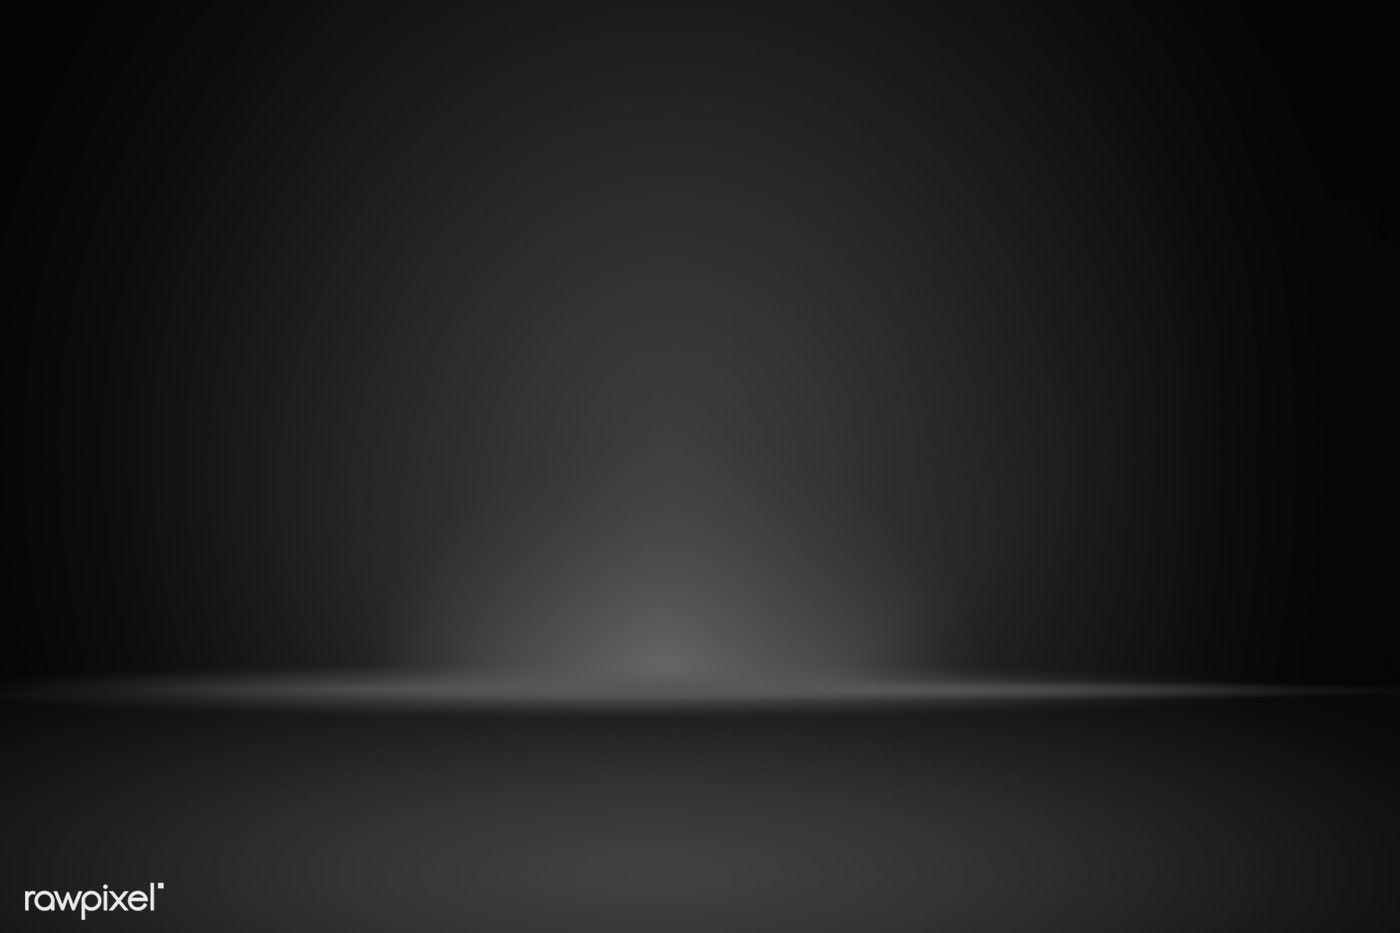 Download Premium Image Of Plain Dark Gray Product Background 585610 Black Background Images Background Images Hd Plain Black Background